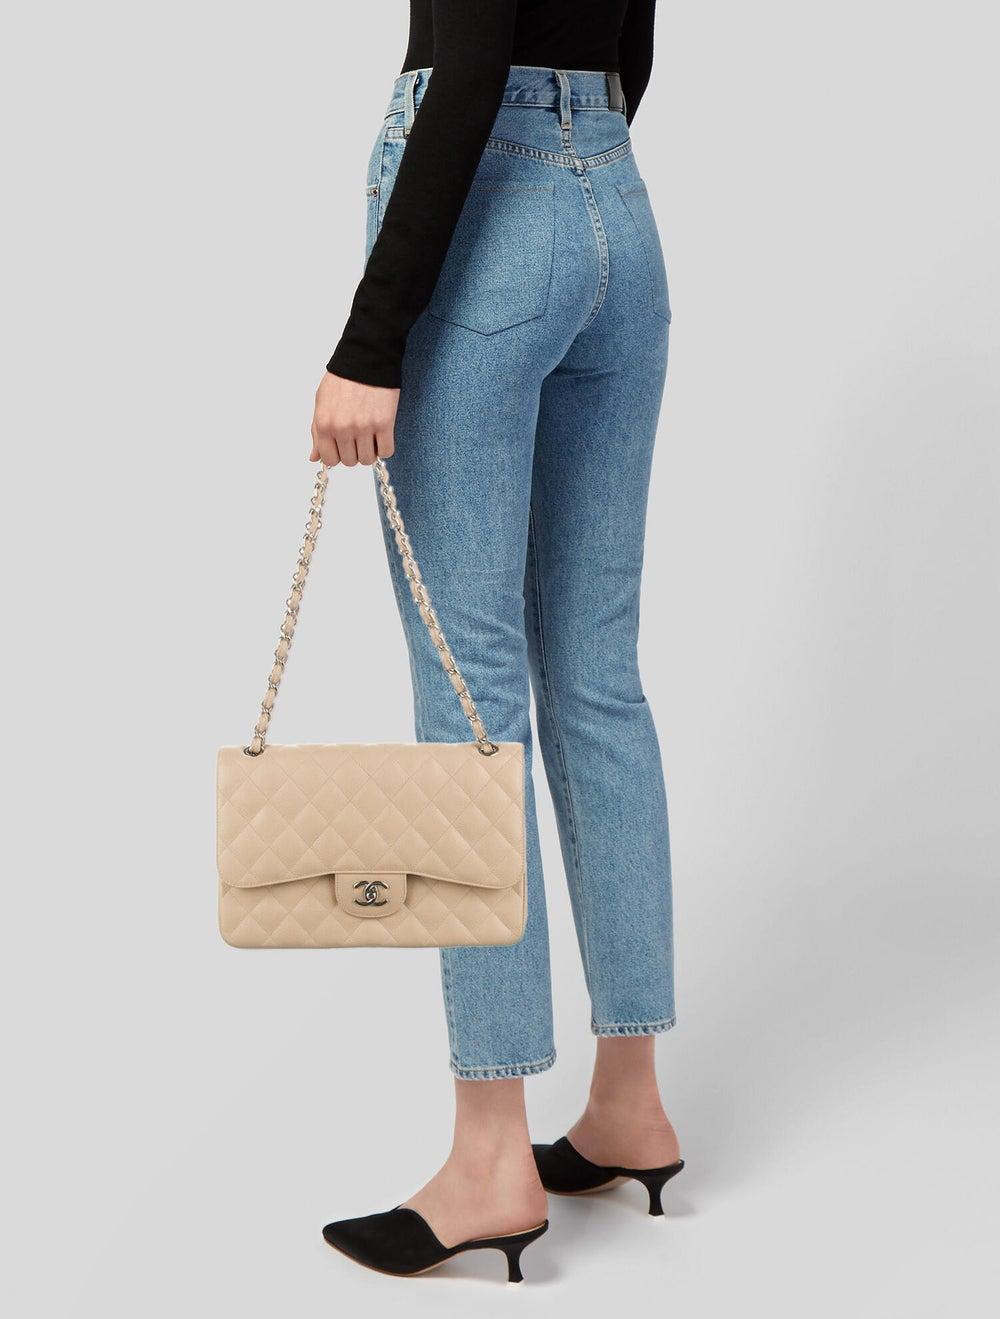 Chanel Classic Jumbo Double Flap Bag Black - image 2